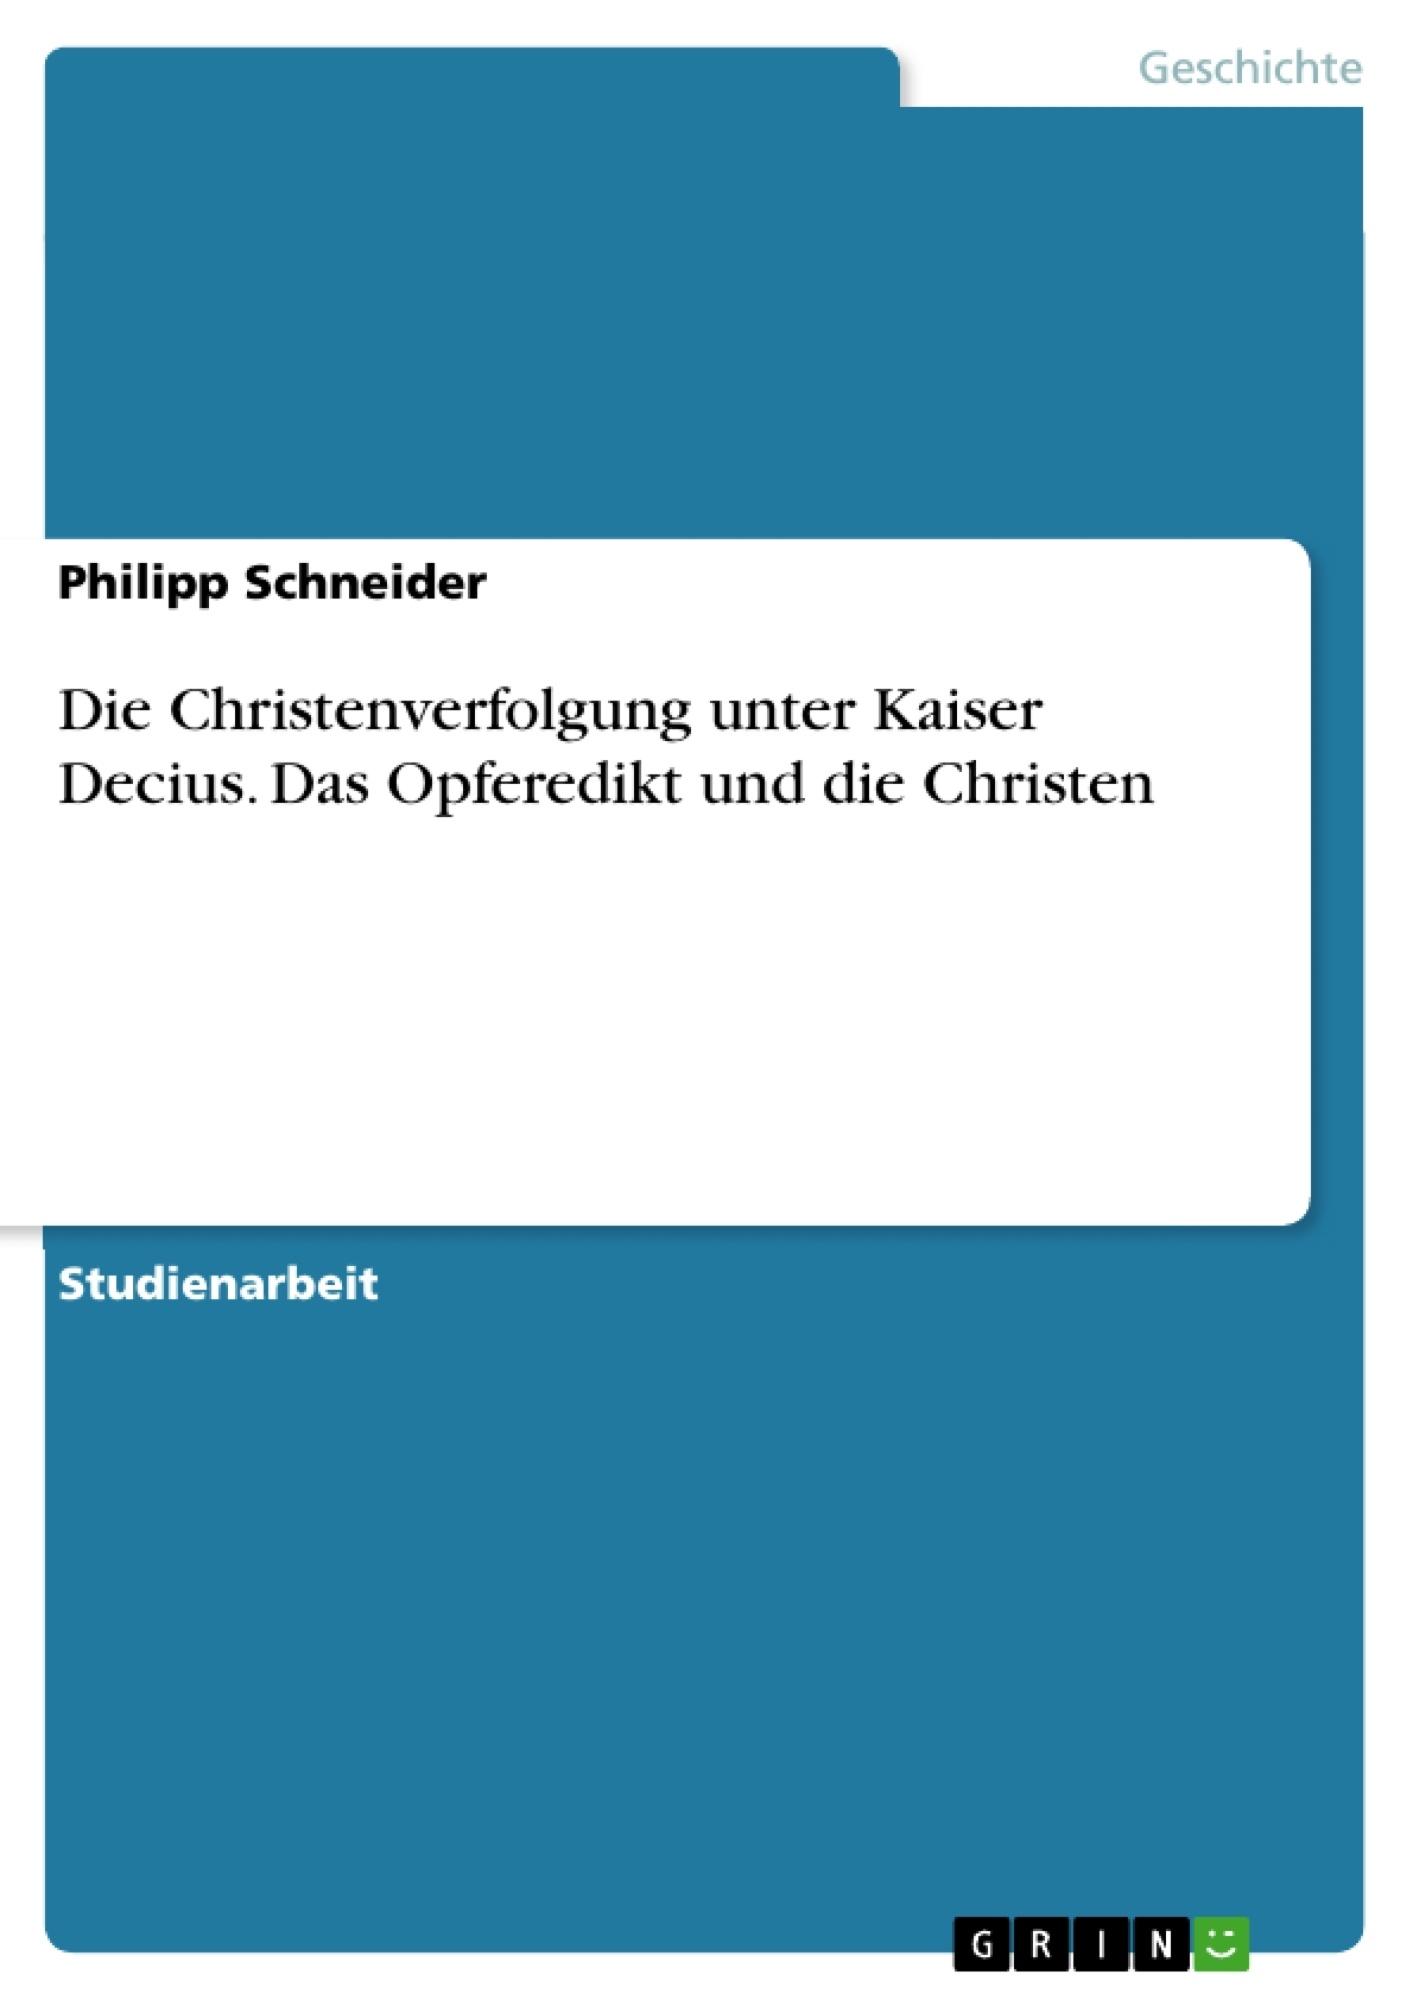 Titel: Die Christenverfolgung unter Kaiser Decius. Das Opferedikt und die Christen